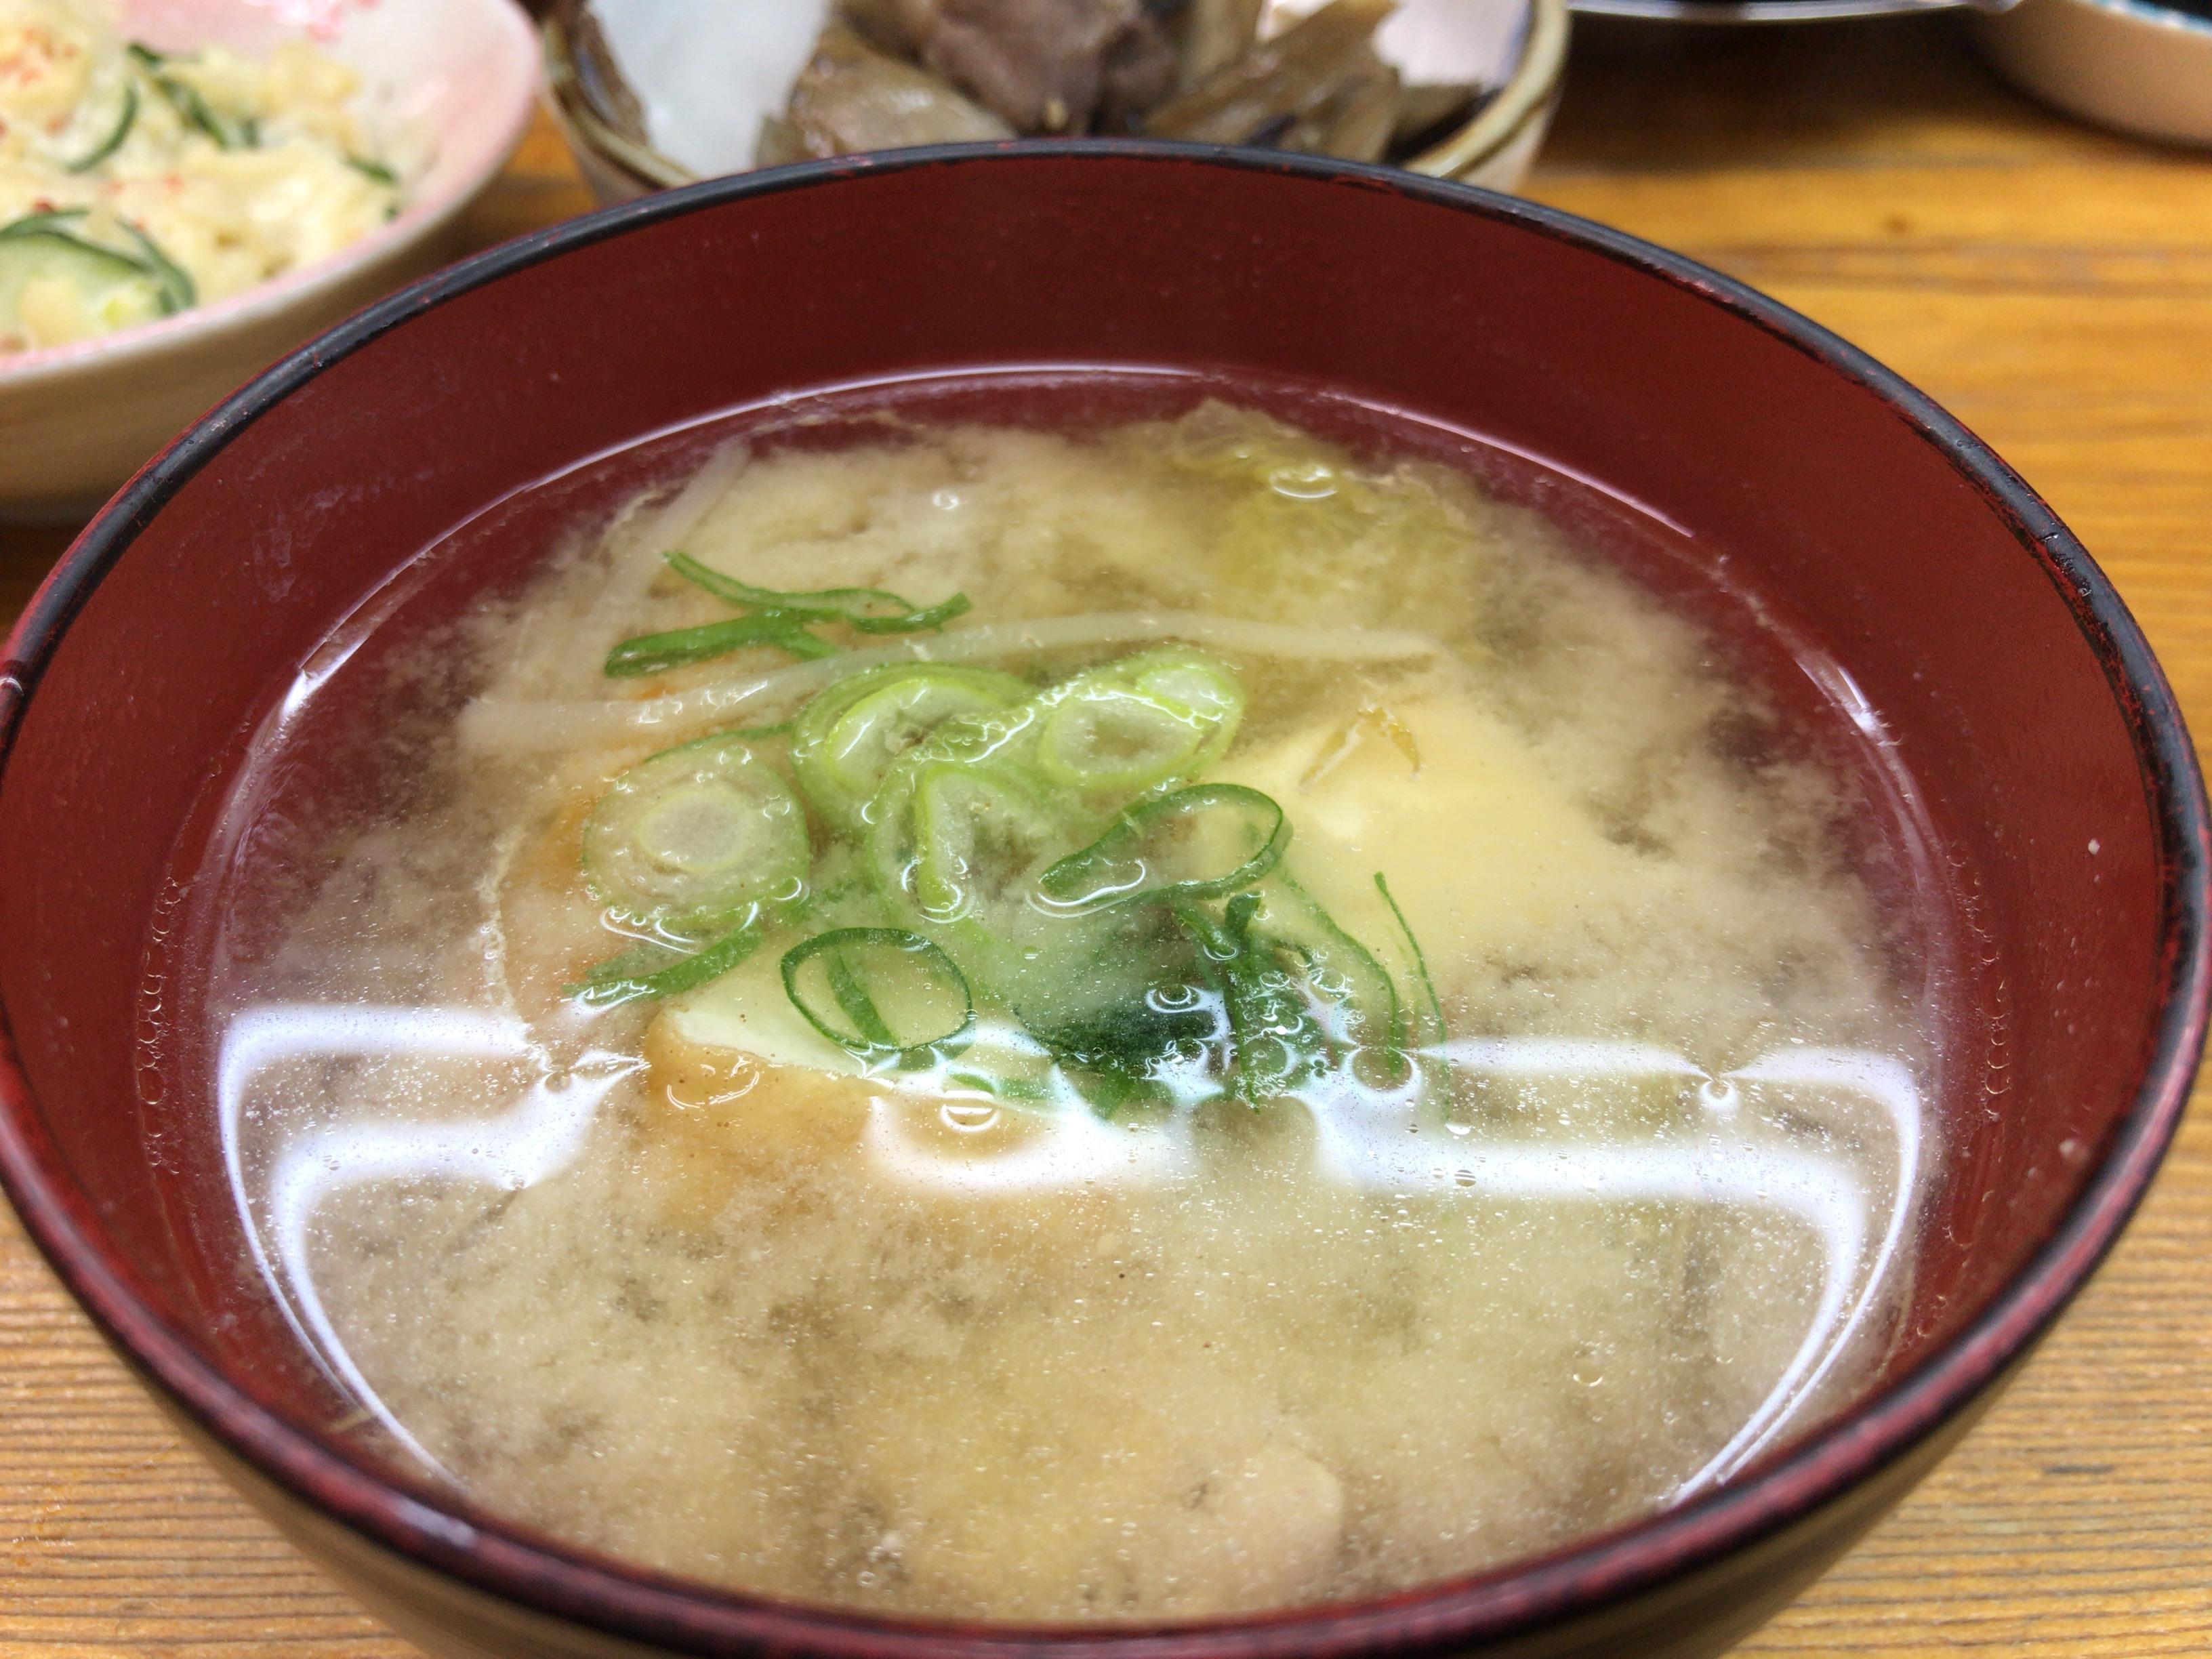 大和八木駅近くのウエダで食べられるお味噌汁